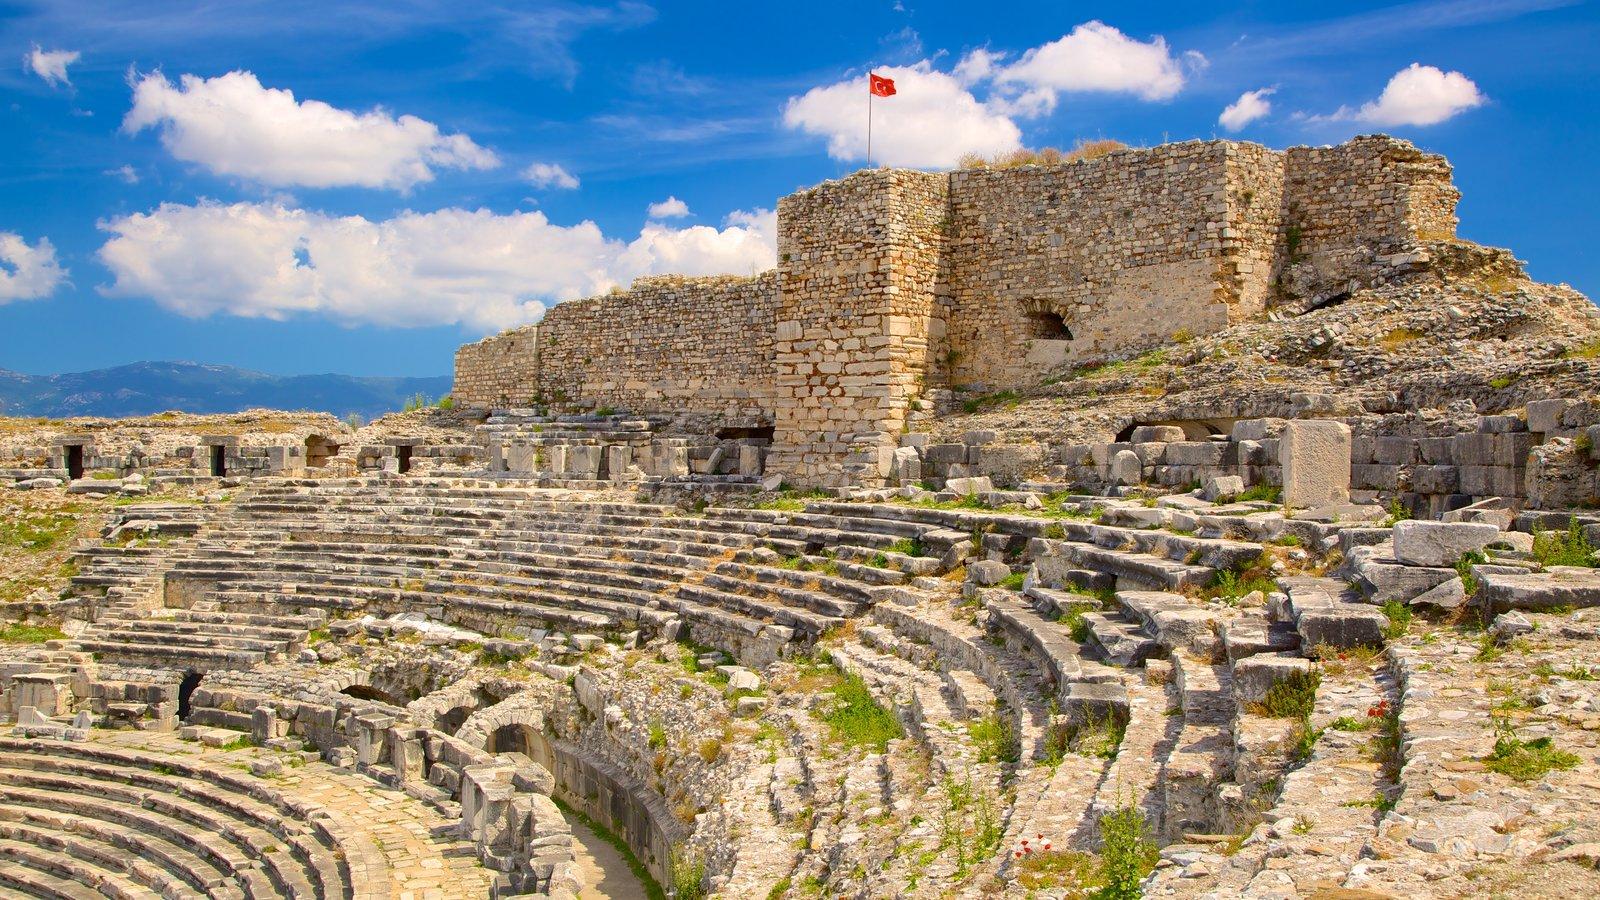 شهر باستانی میلتوس واقع در ترکیه – کوش آداسی